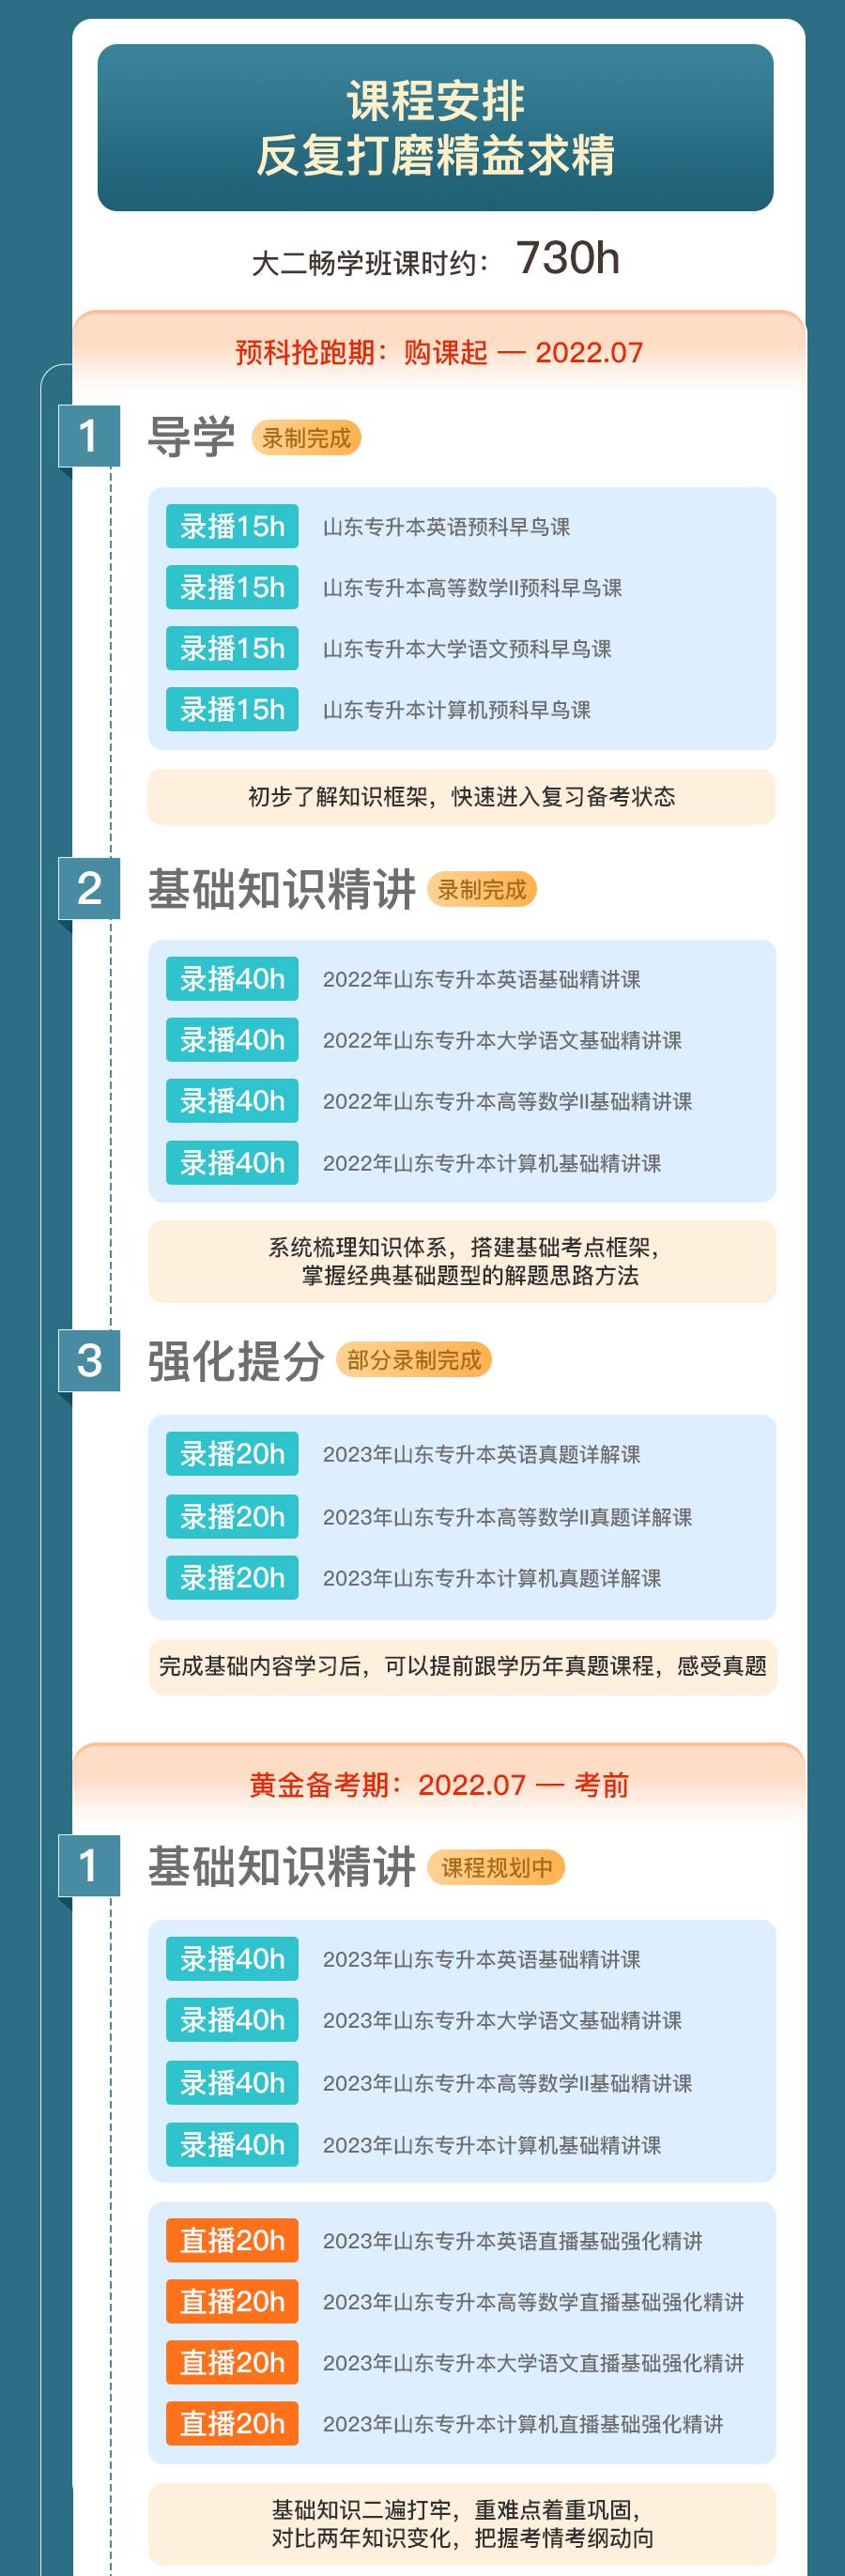 大二畅学班-山东-4科数I_03.png